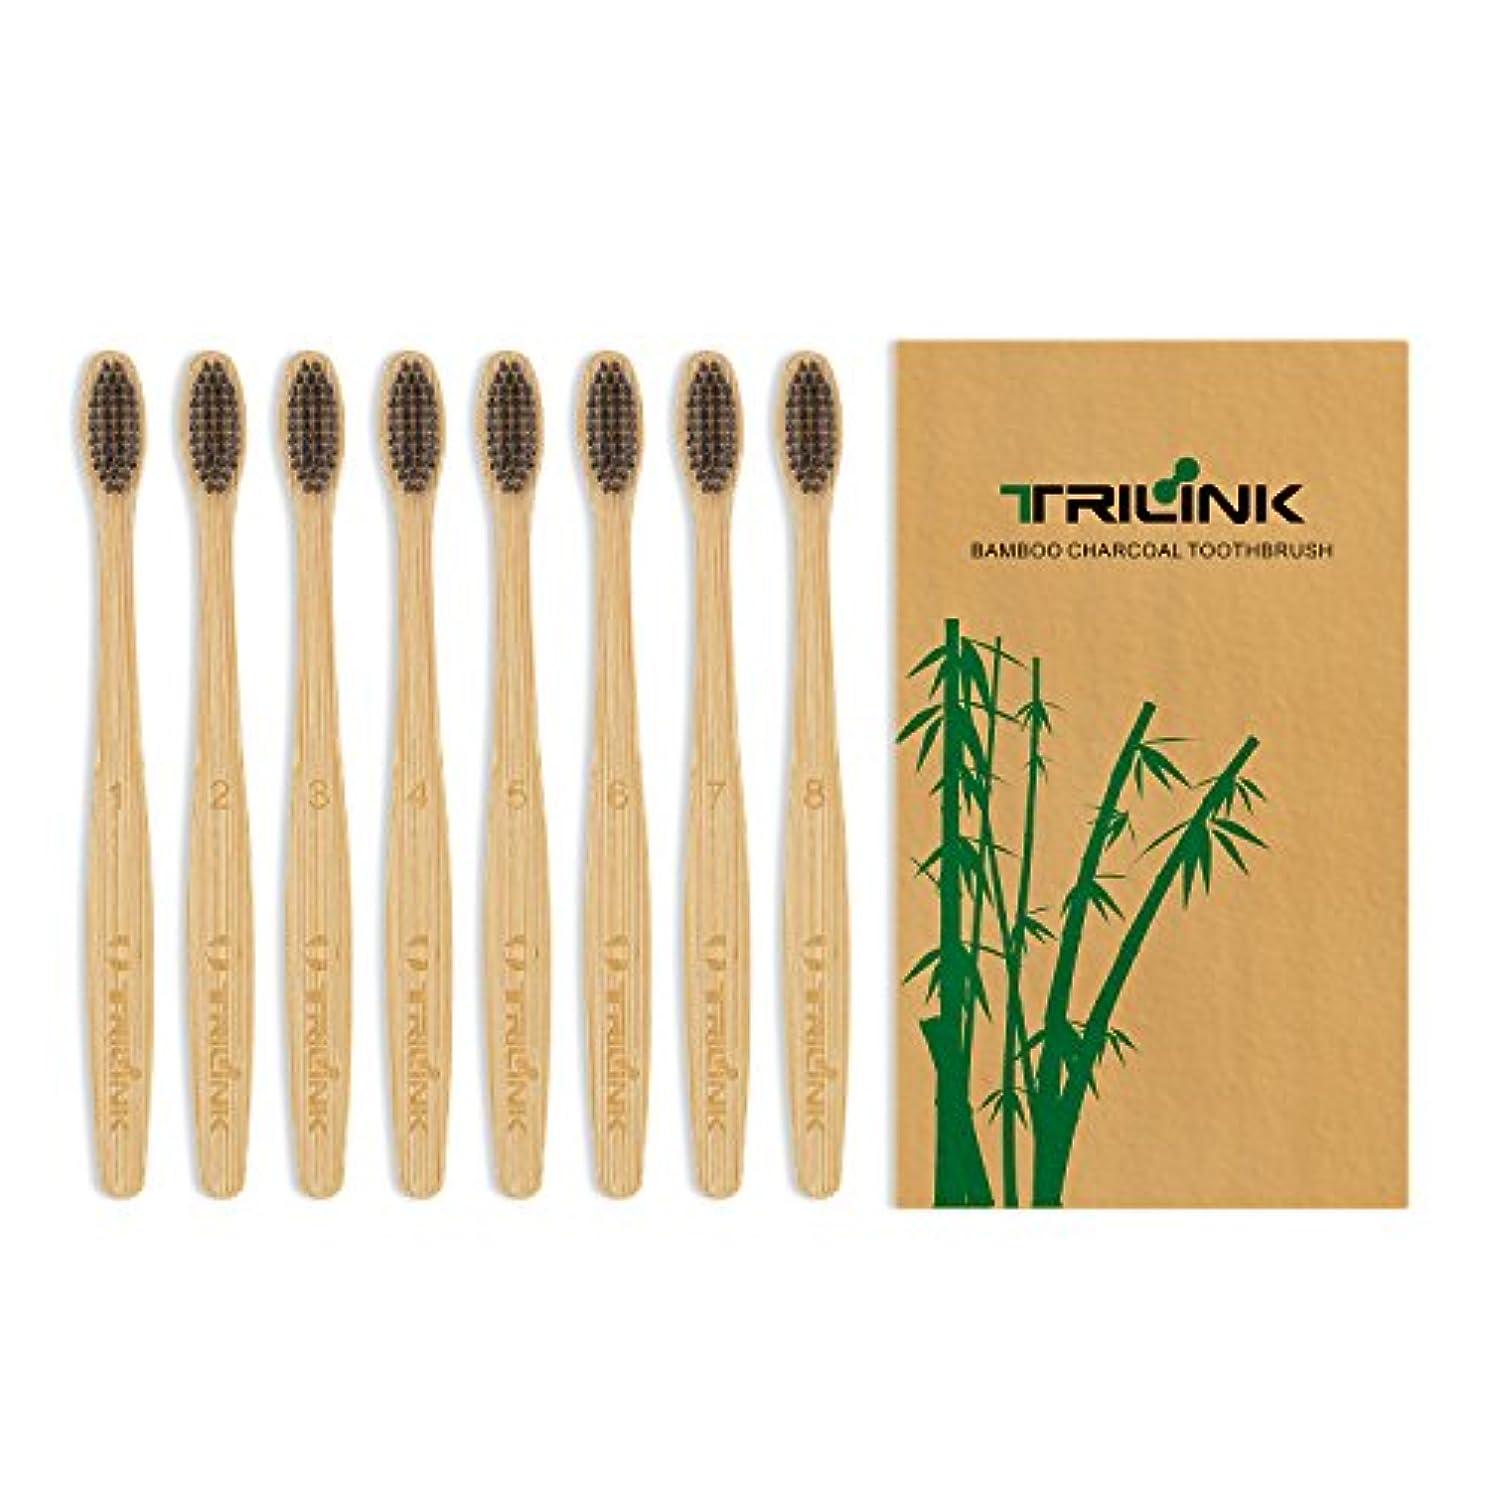 影響燃料写真撮影大人用竹の歯ブラシ(8本) 環境保護 天然の柔らかい ハブラシ【 活性炭を注入】